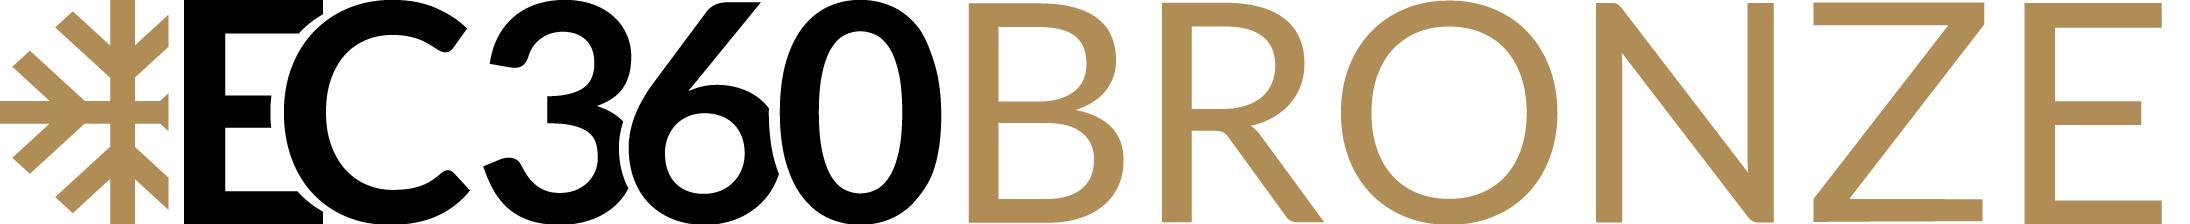 EC360 Bronze Logo